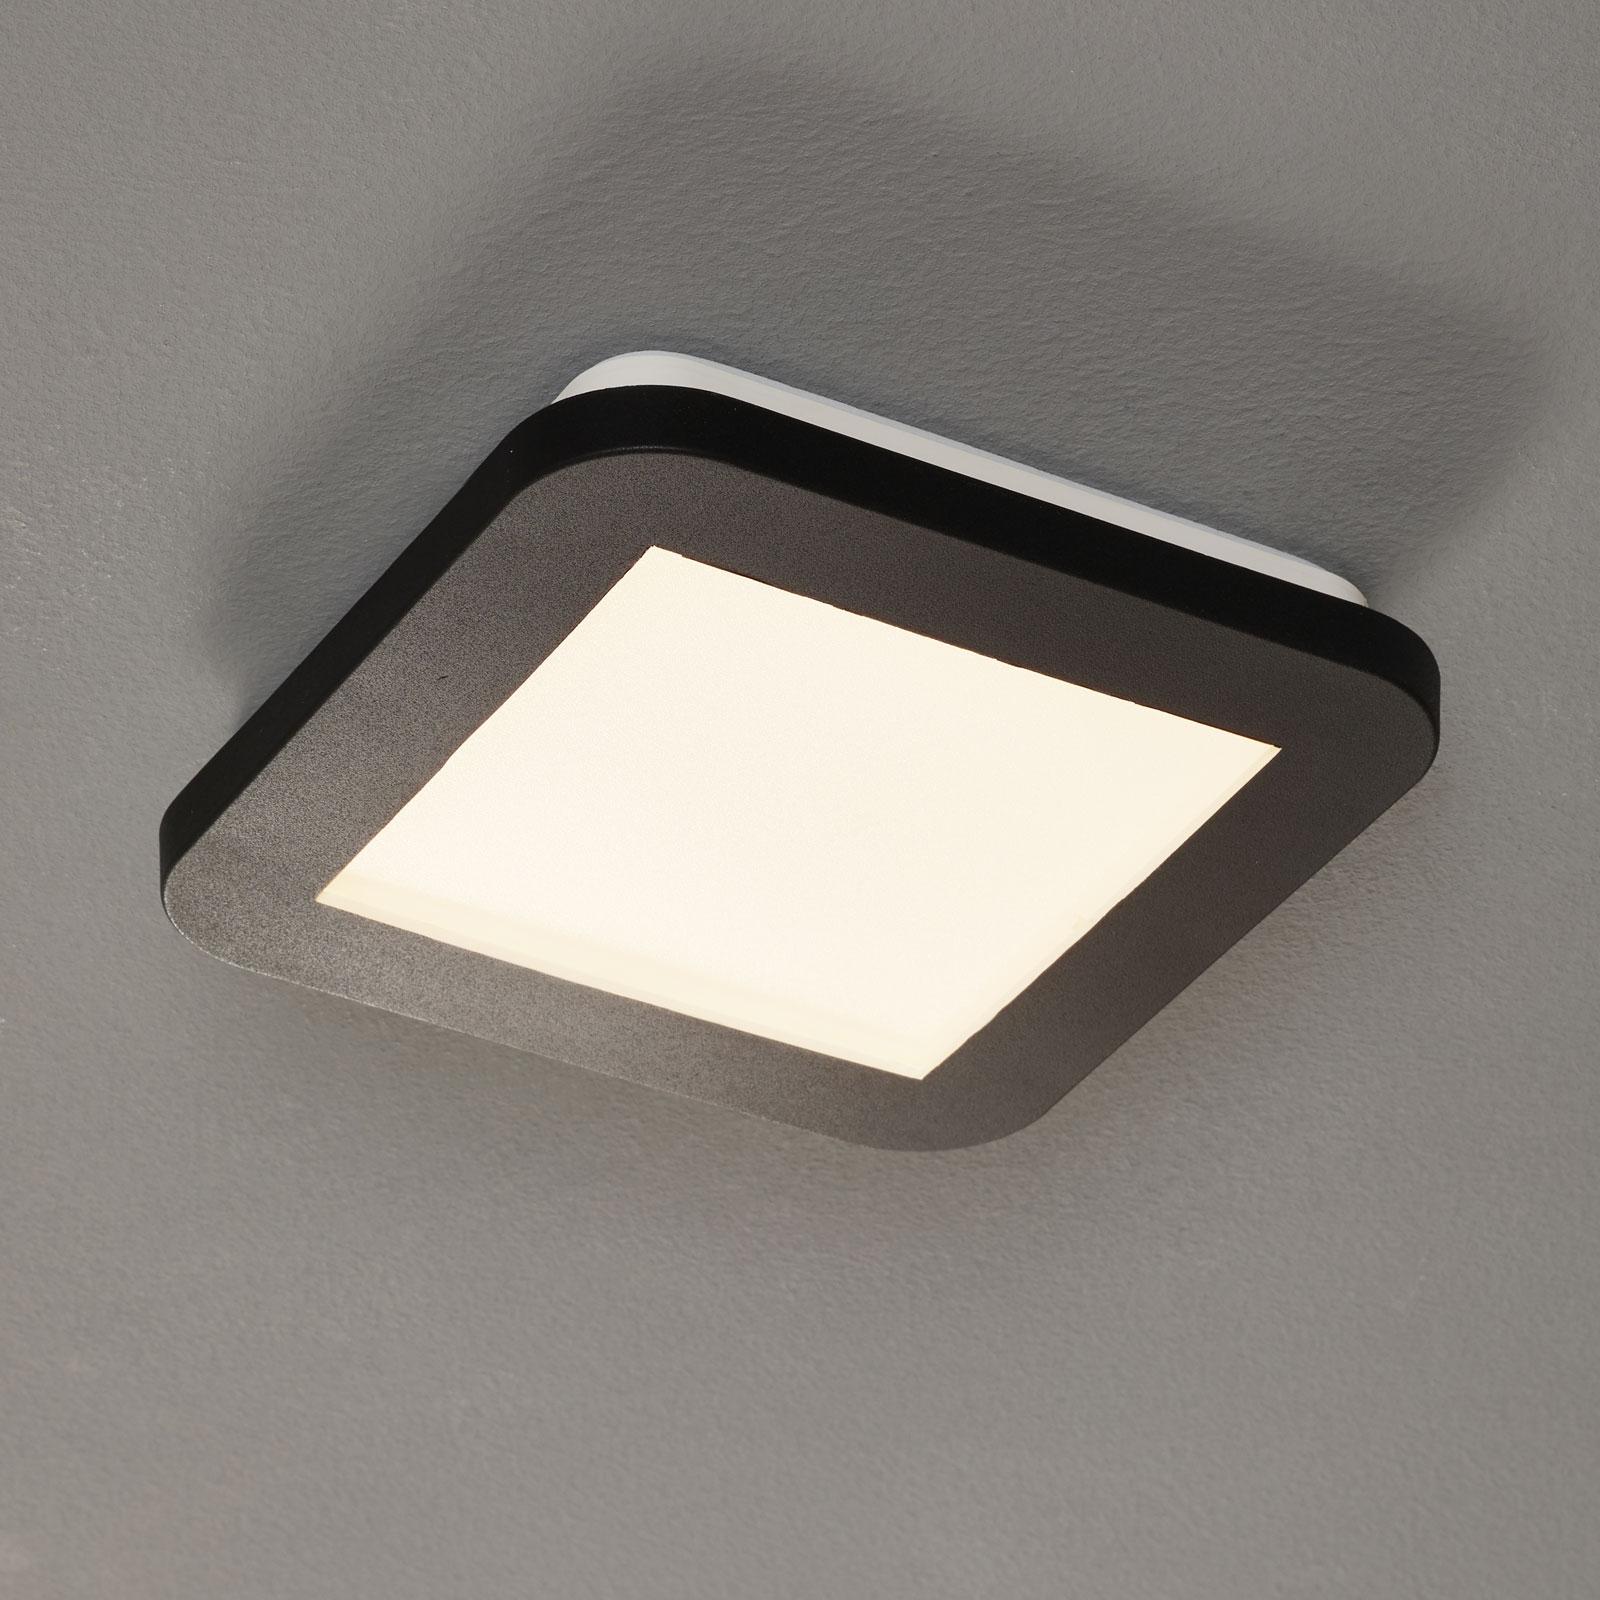 LED-taklampe Camillus, kvadratisk - 17 cm